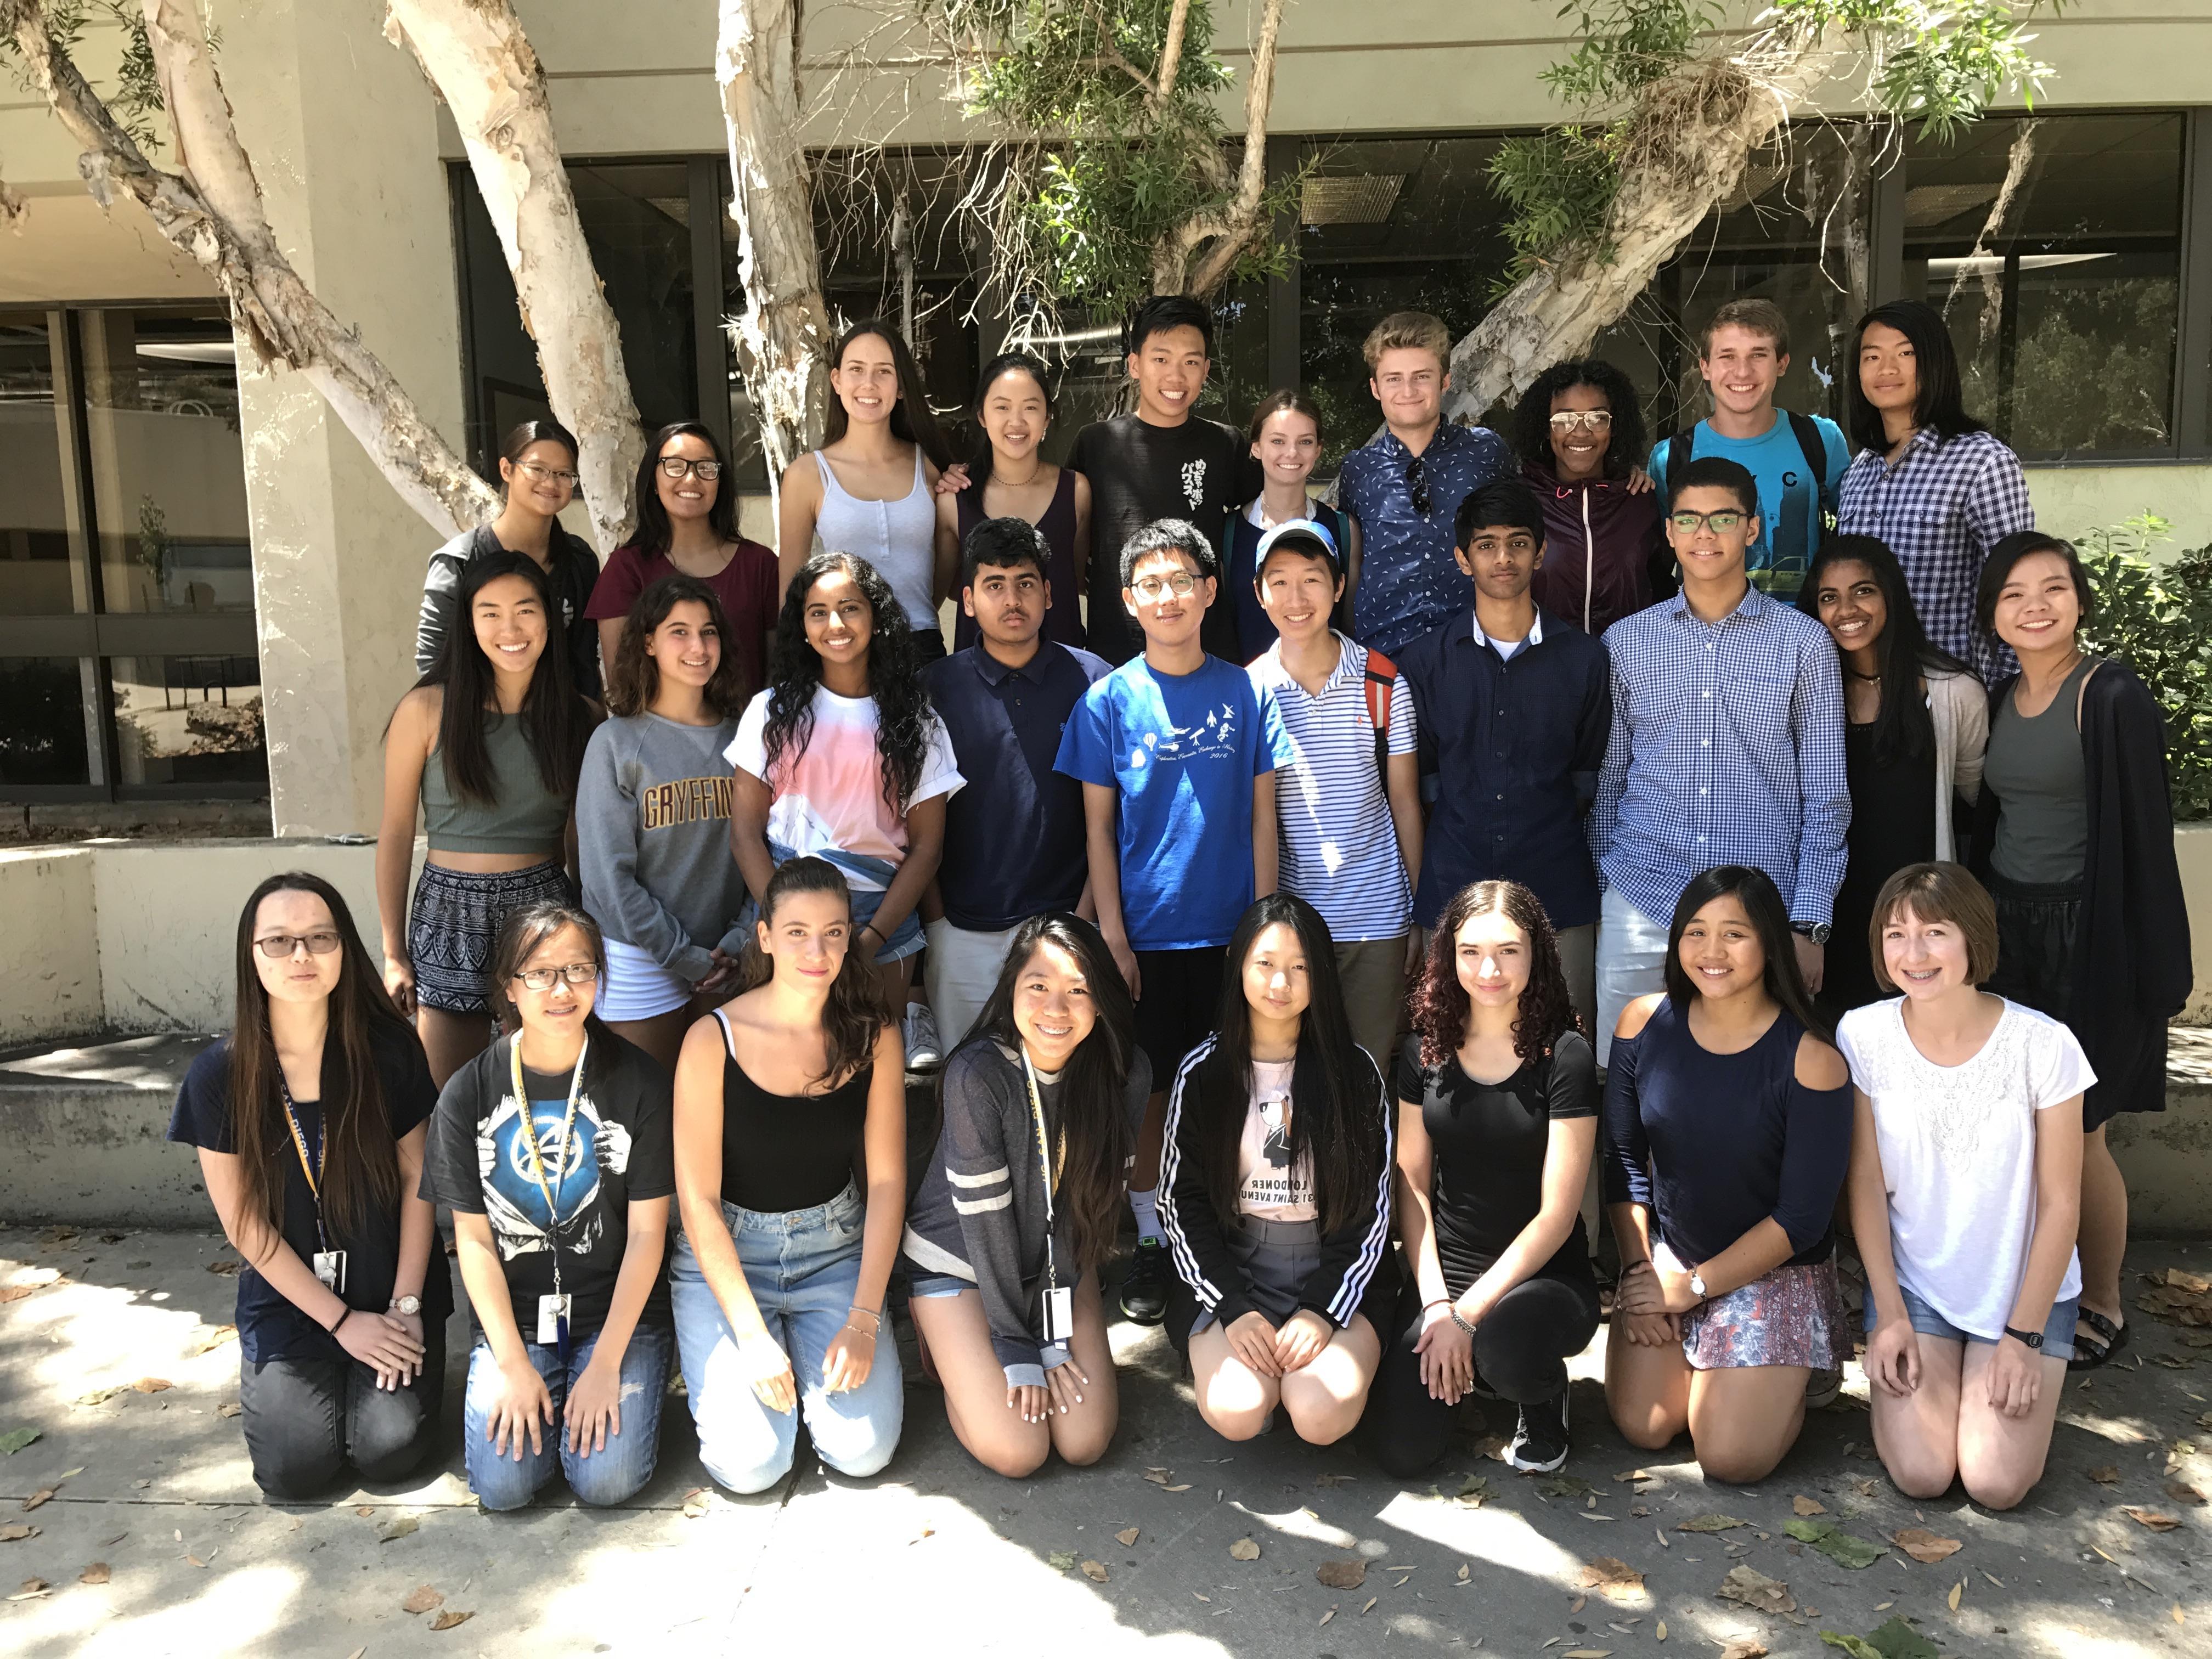 Summer Program - Biology | Rosetta Institute: Biomedical Camps